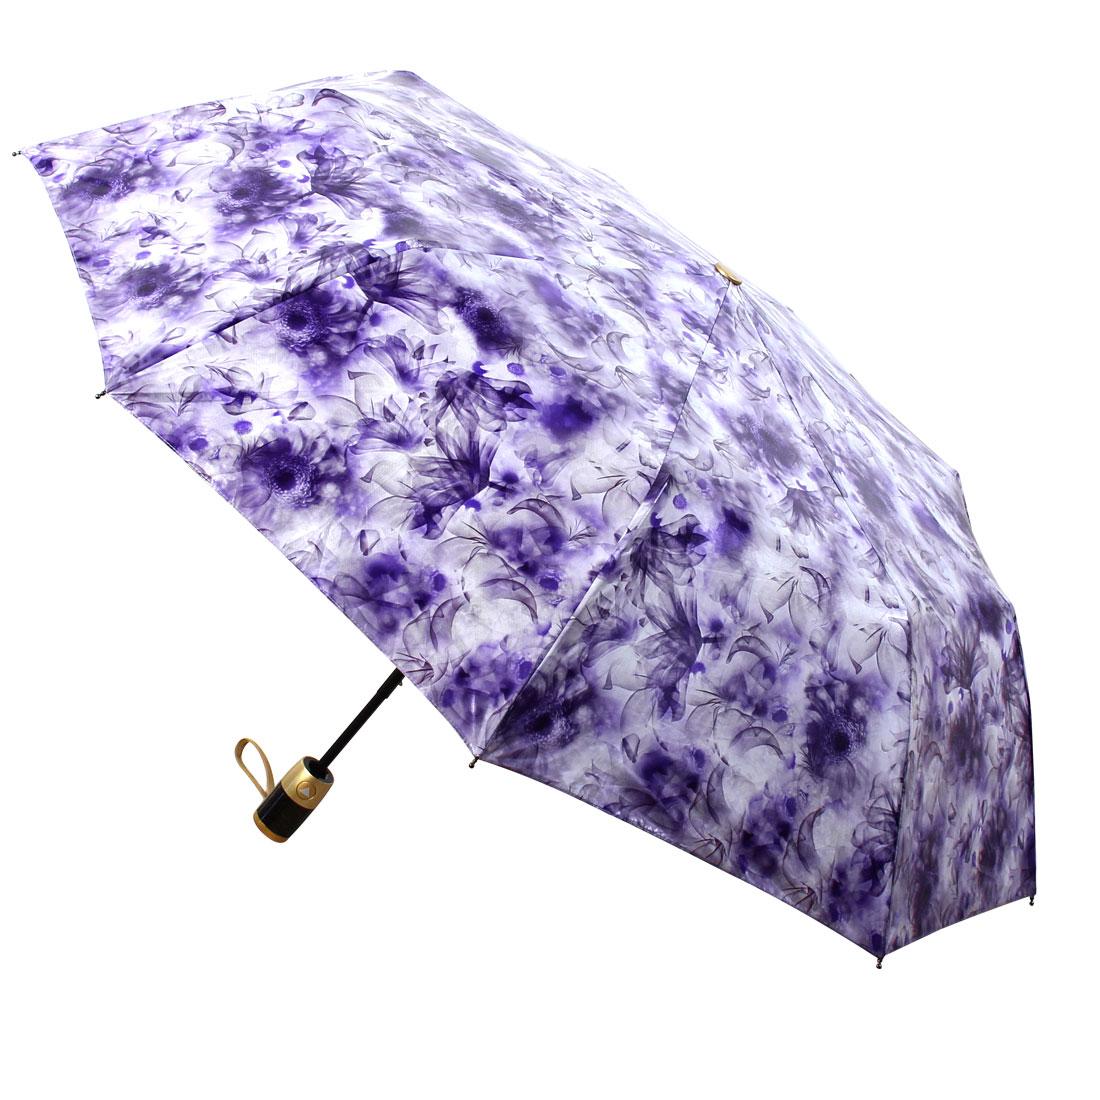 Automatic Open Close Folding Compact Rain Umbrella 38 Inch Purple